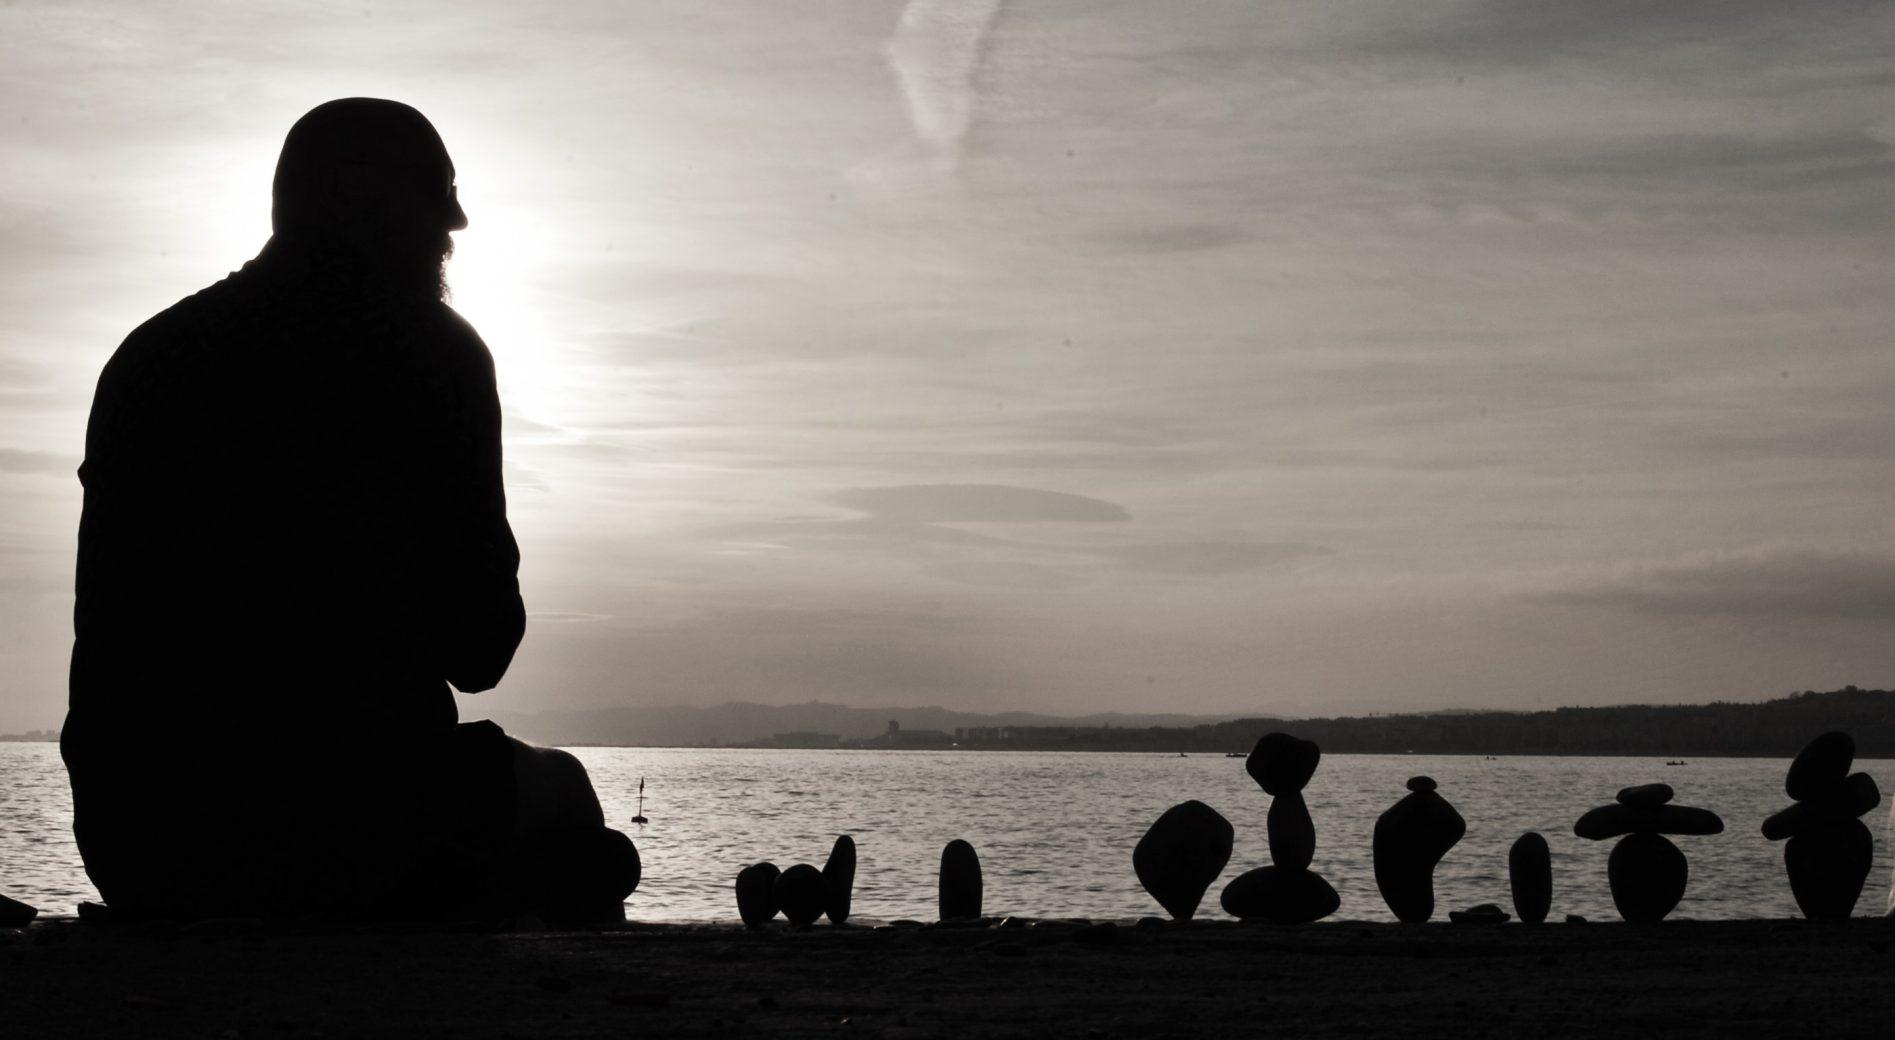 laisser aller,vie,laisser,aller,chose,choses,vraiment,situation,faire,attitude positive,zen